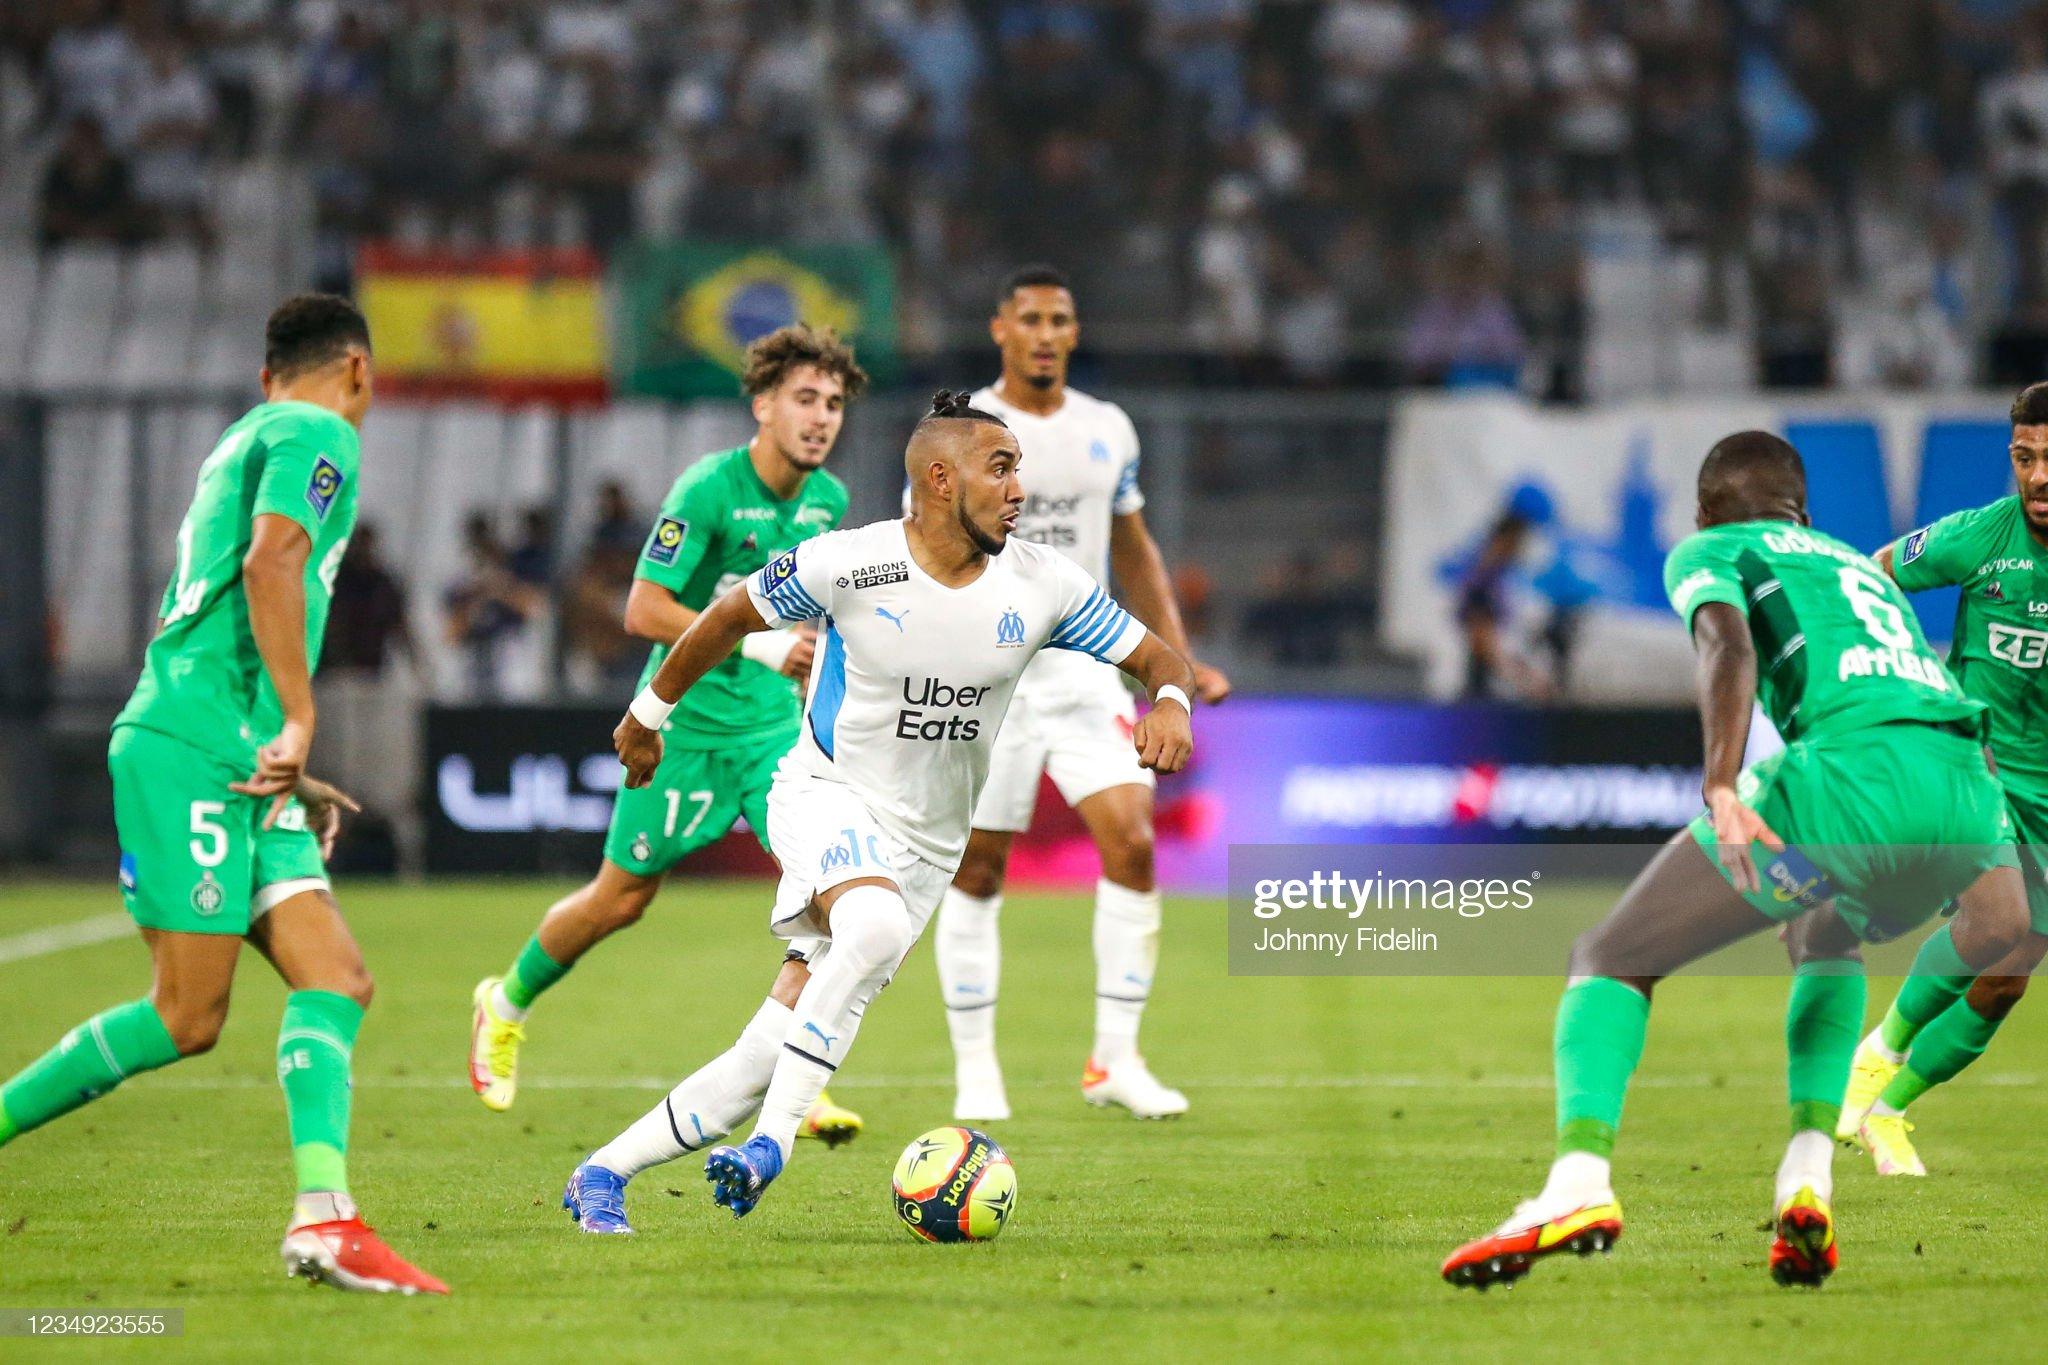 Olympique de Marseille v AS Saint Etienne - Ligue 1 Uber Eats : News Photo